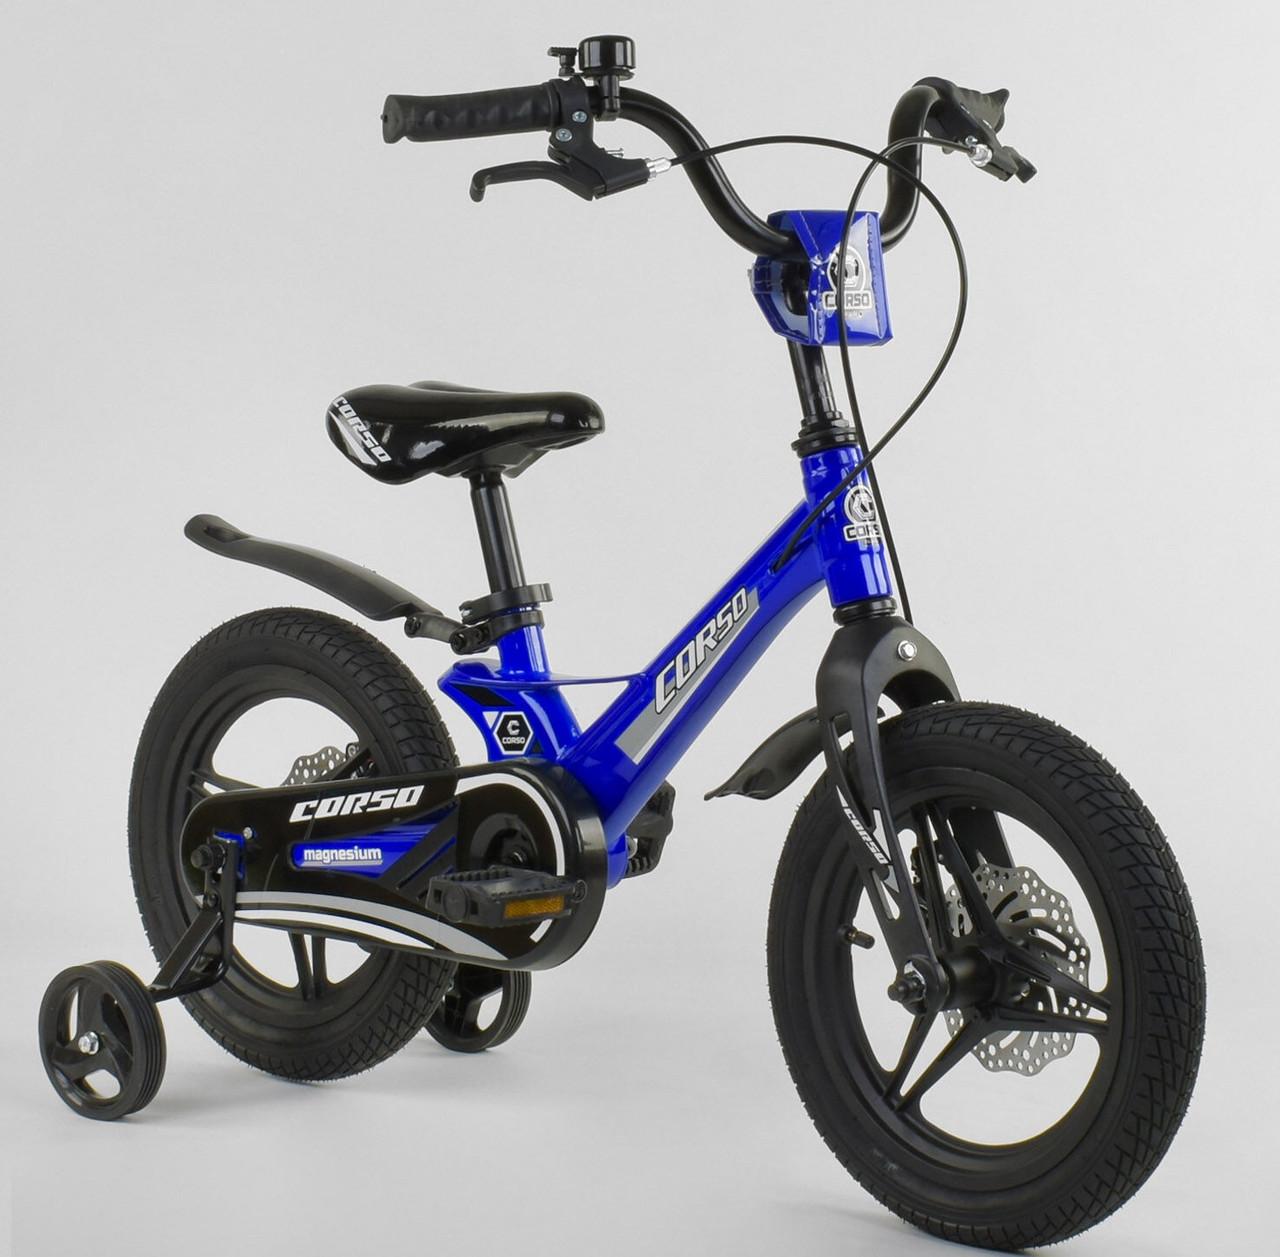 """Дитячий двоколісний велосипед 14"""" з магнієвої рамою литими дисками дискові гальма Corso MG-85328 синій"""